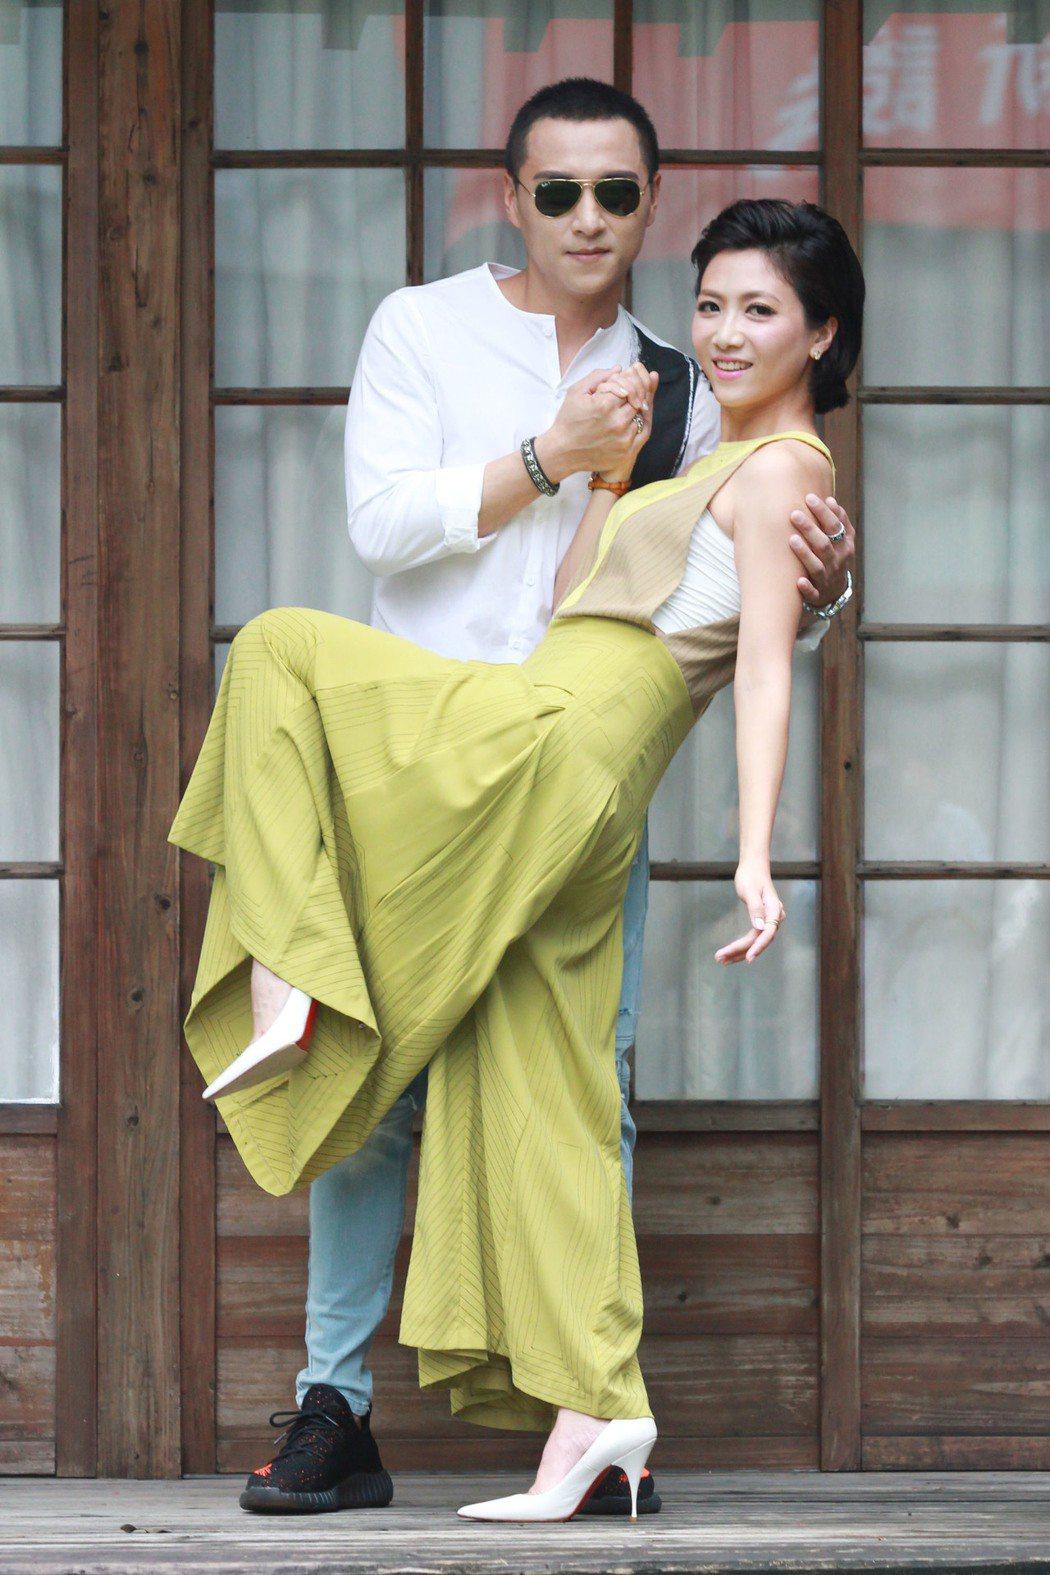 鄭人碩和徐麗雯(右)。圖/民視提供